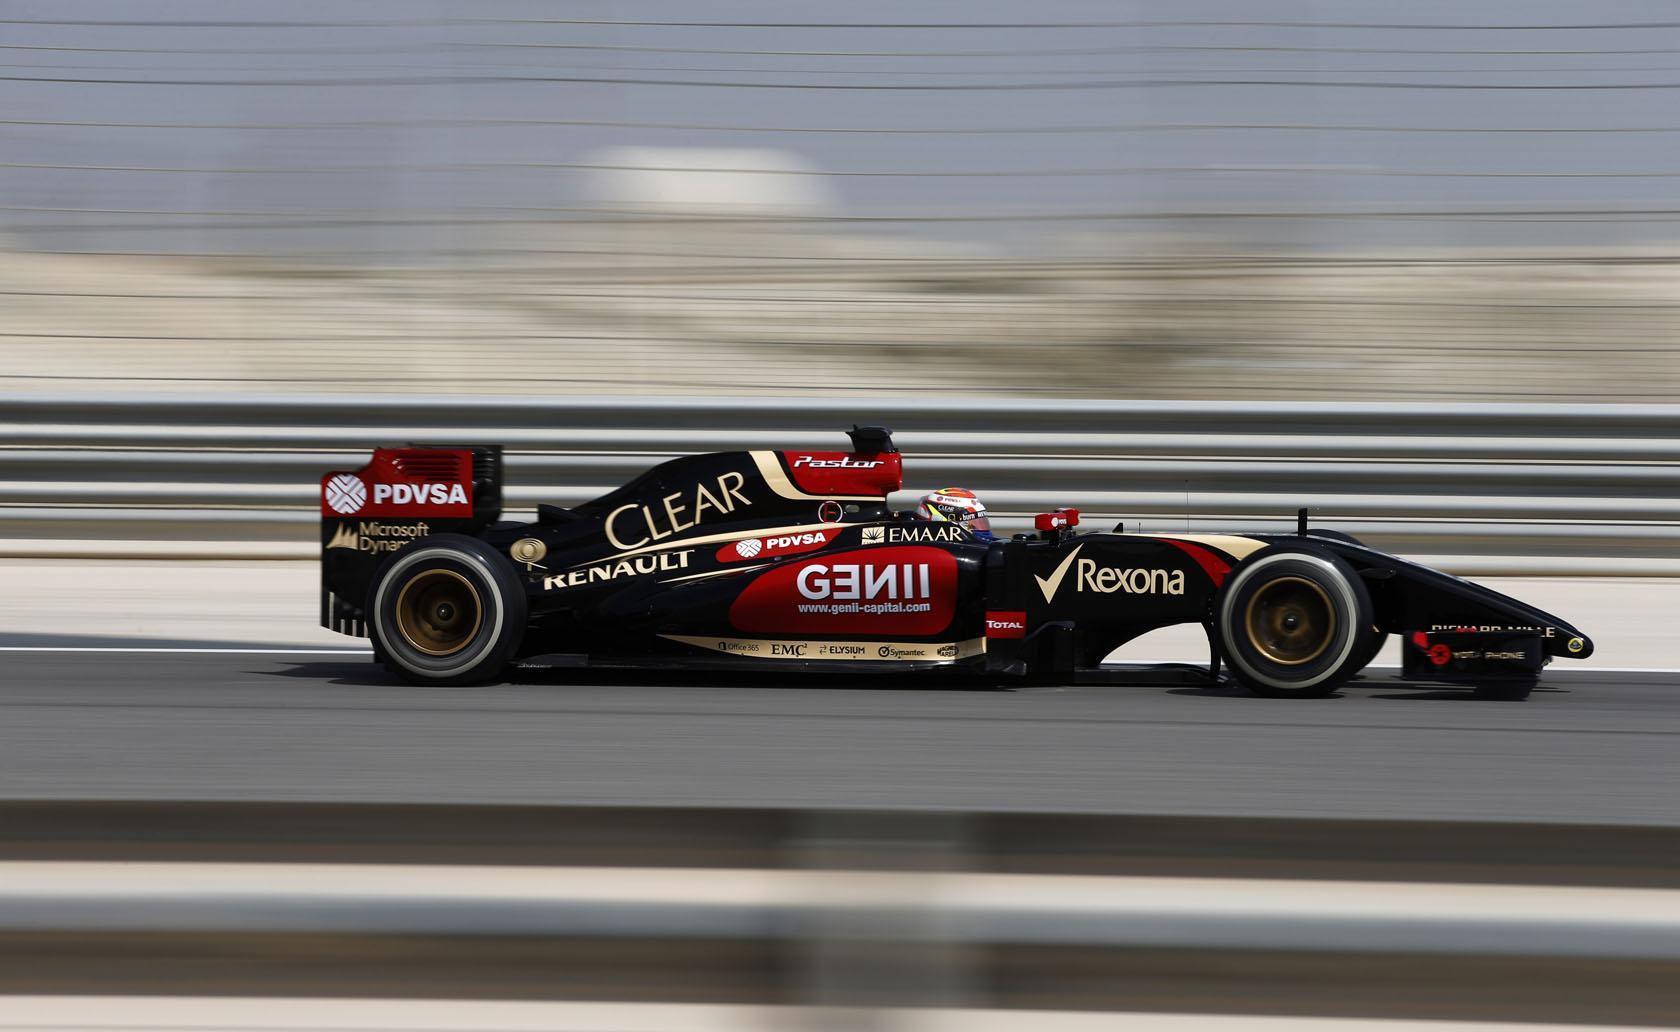 A Renault Sport visszafogott elvárásai: 3-5 futam után az élen, addig top 10 második fele